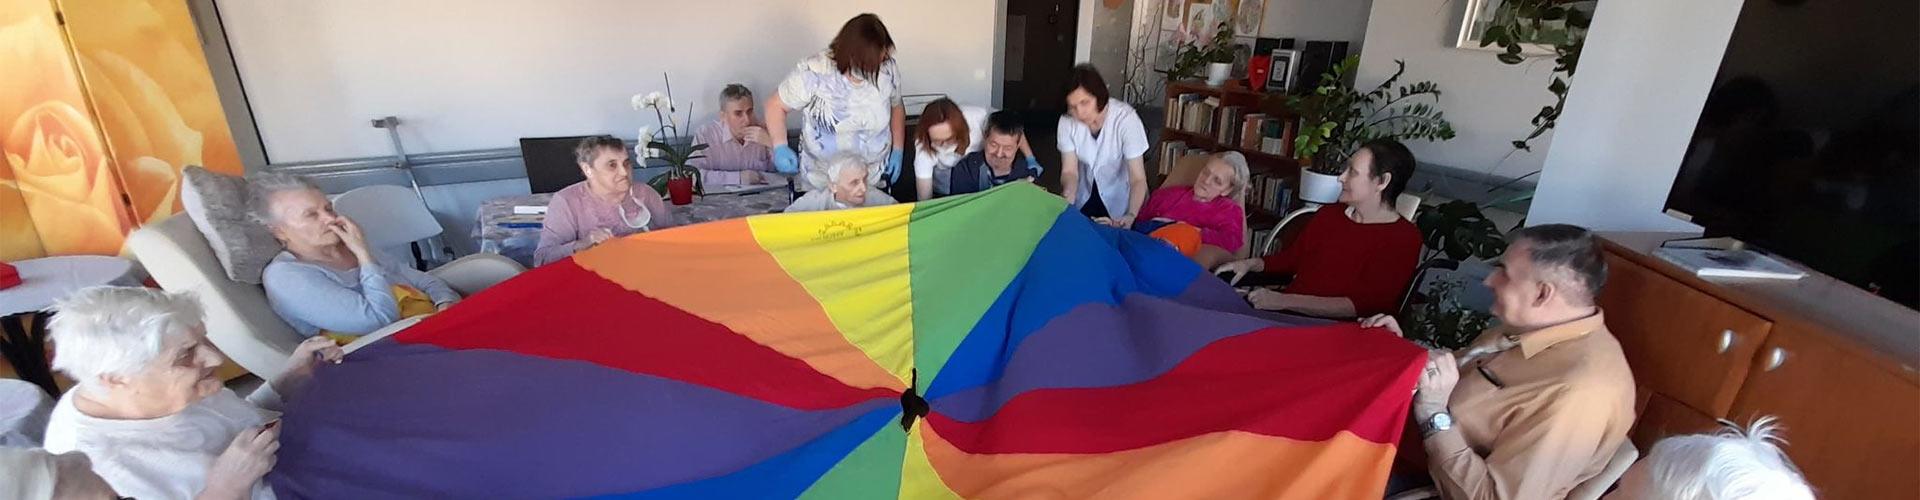 terapia zajęciowa - mmieszkańcy domu pomocy społecznej w Koninie bawią się chustą